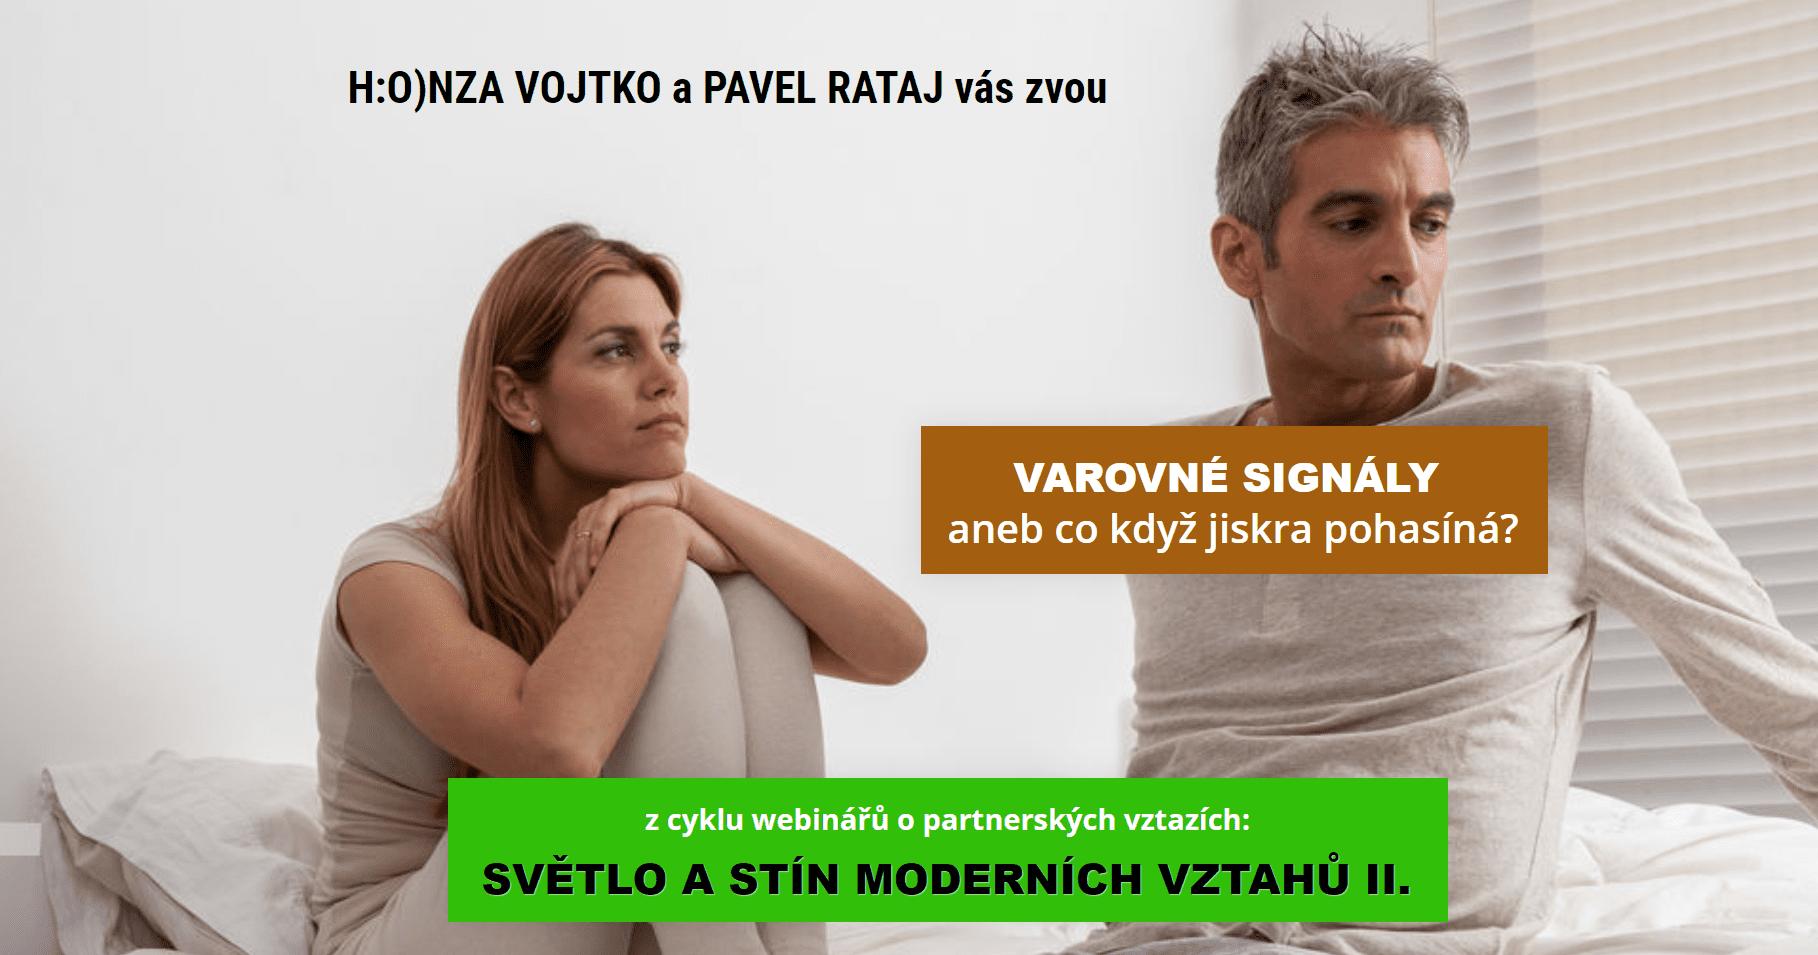 Partnerské vztahy: Varovné signály - Pavel Rataj aHonza Vojtko